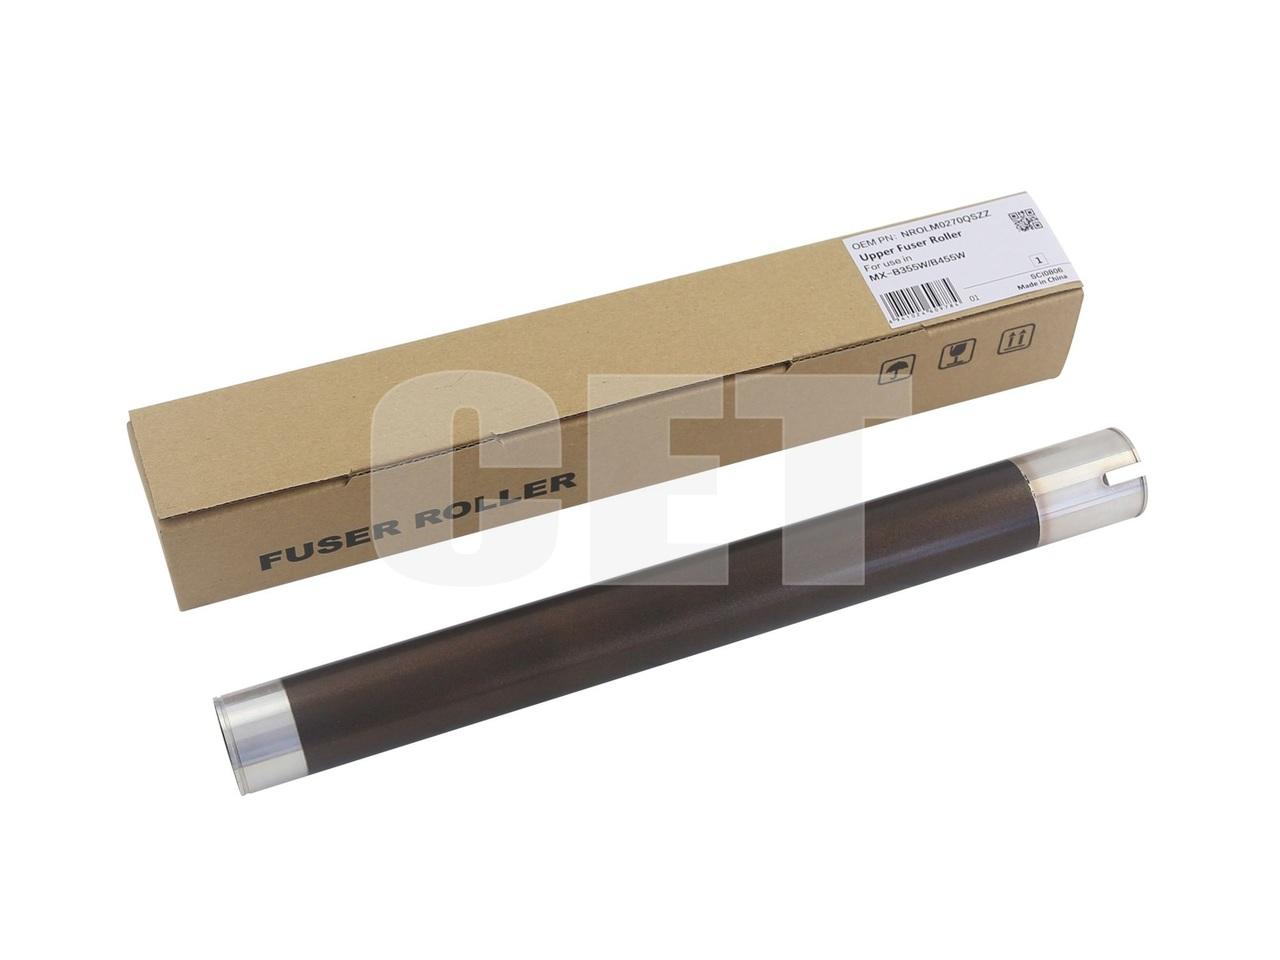 Тефлоновый вал NROLM0270QSZZ для SHARPMX-B355W/455W (CET), CET181003